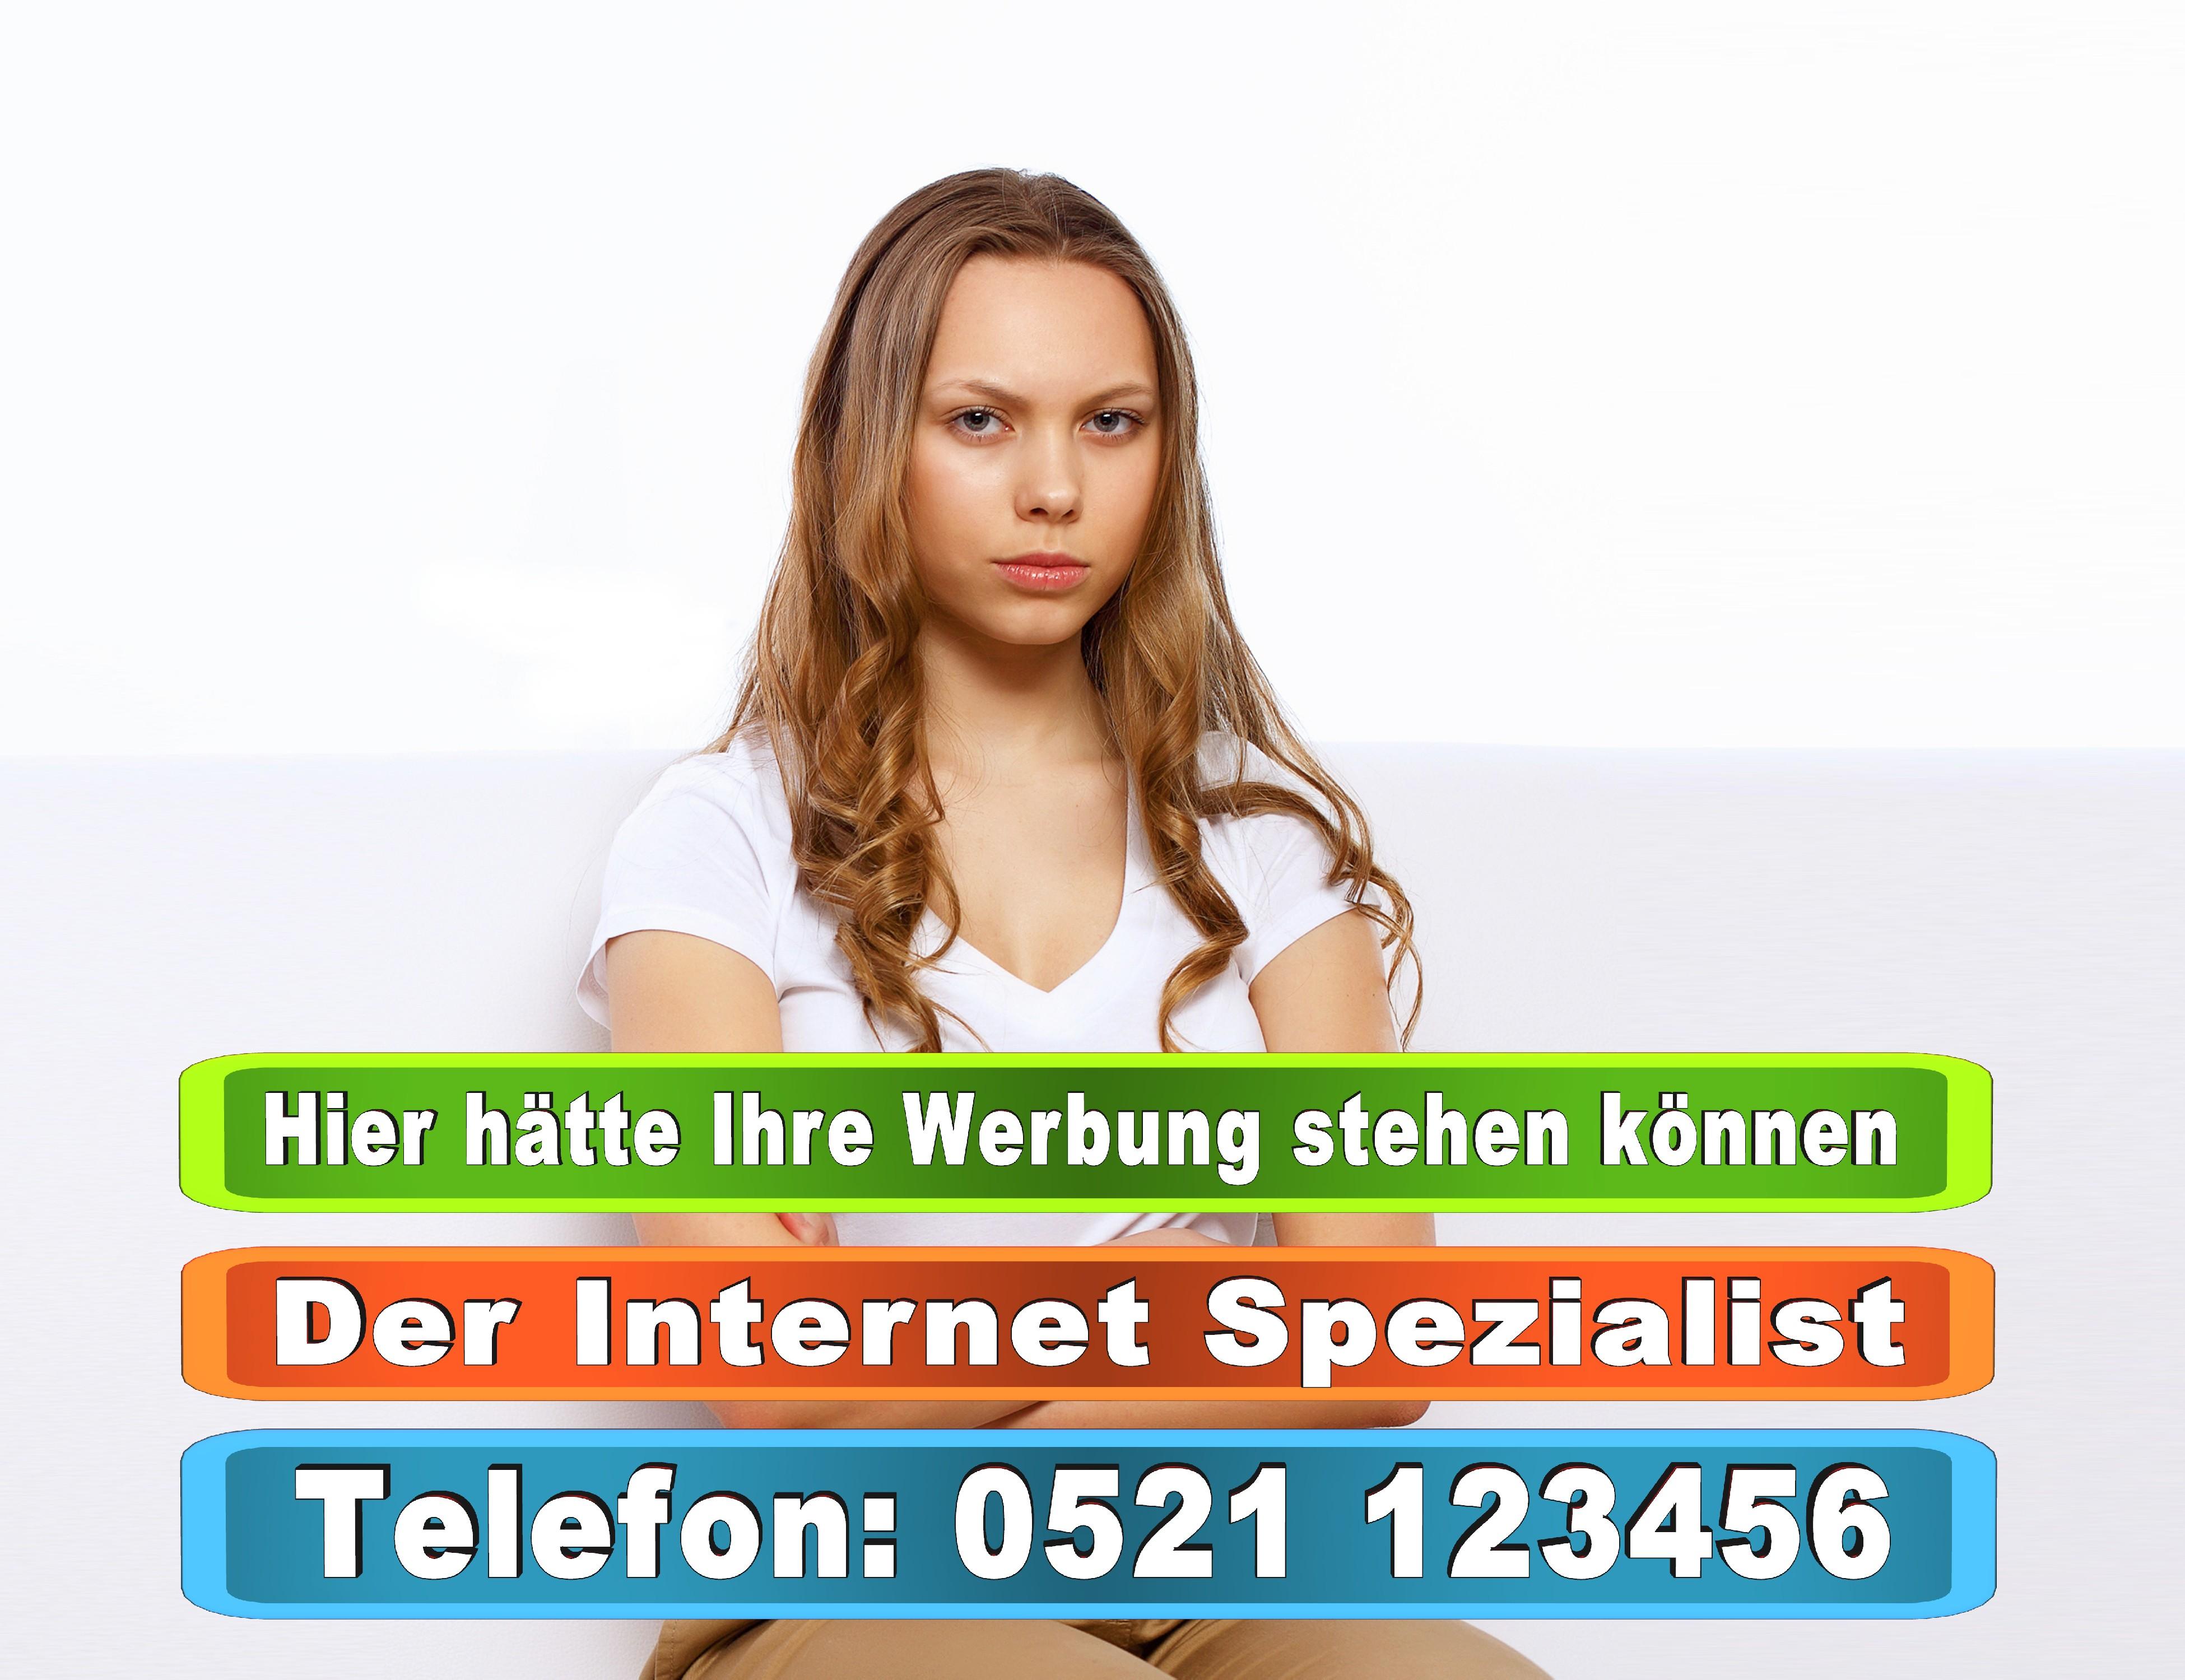 Bielefeld Werbung Werbeanzeigen Zeitungen Bielefeld OWL NRW Demonstrationen Polizei Bielefeld Kleinanzeigen Bielefeld Berlin Hamburg Köln (17)